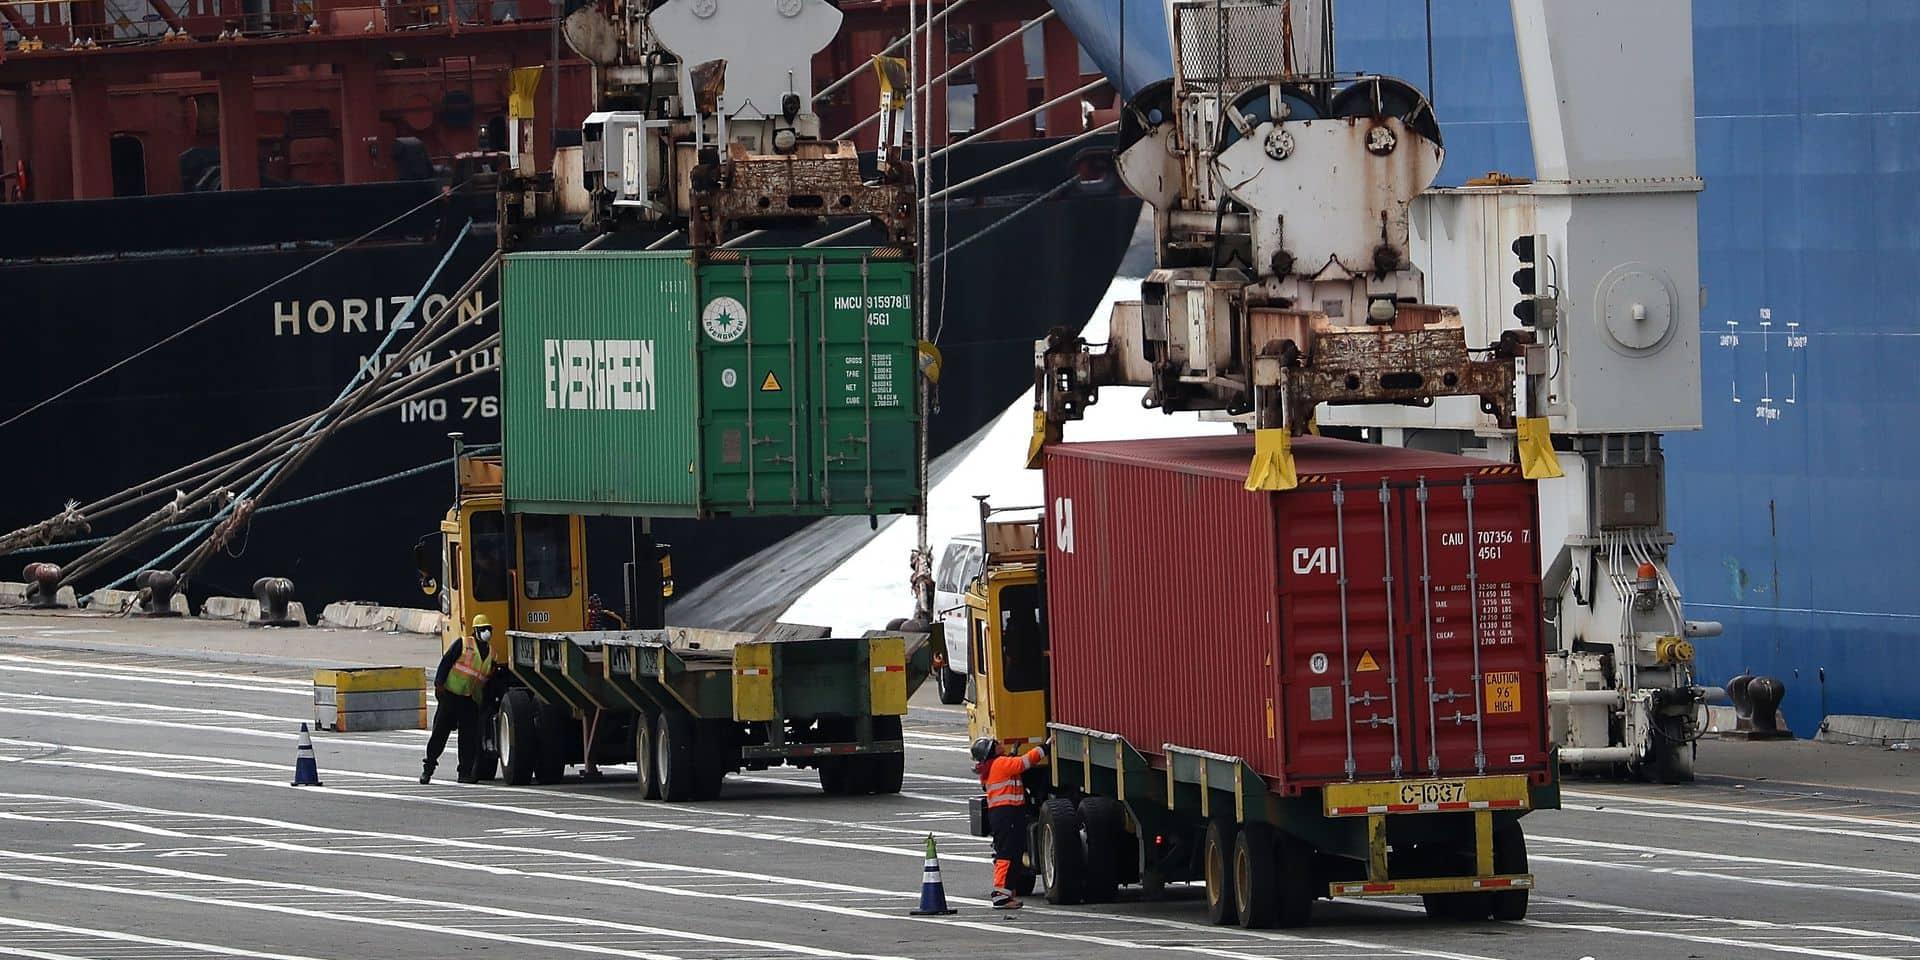 Entre l'Union européenne et les Etats-Unis, la guerre commerciale est officiellement déclarée